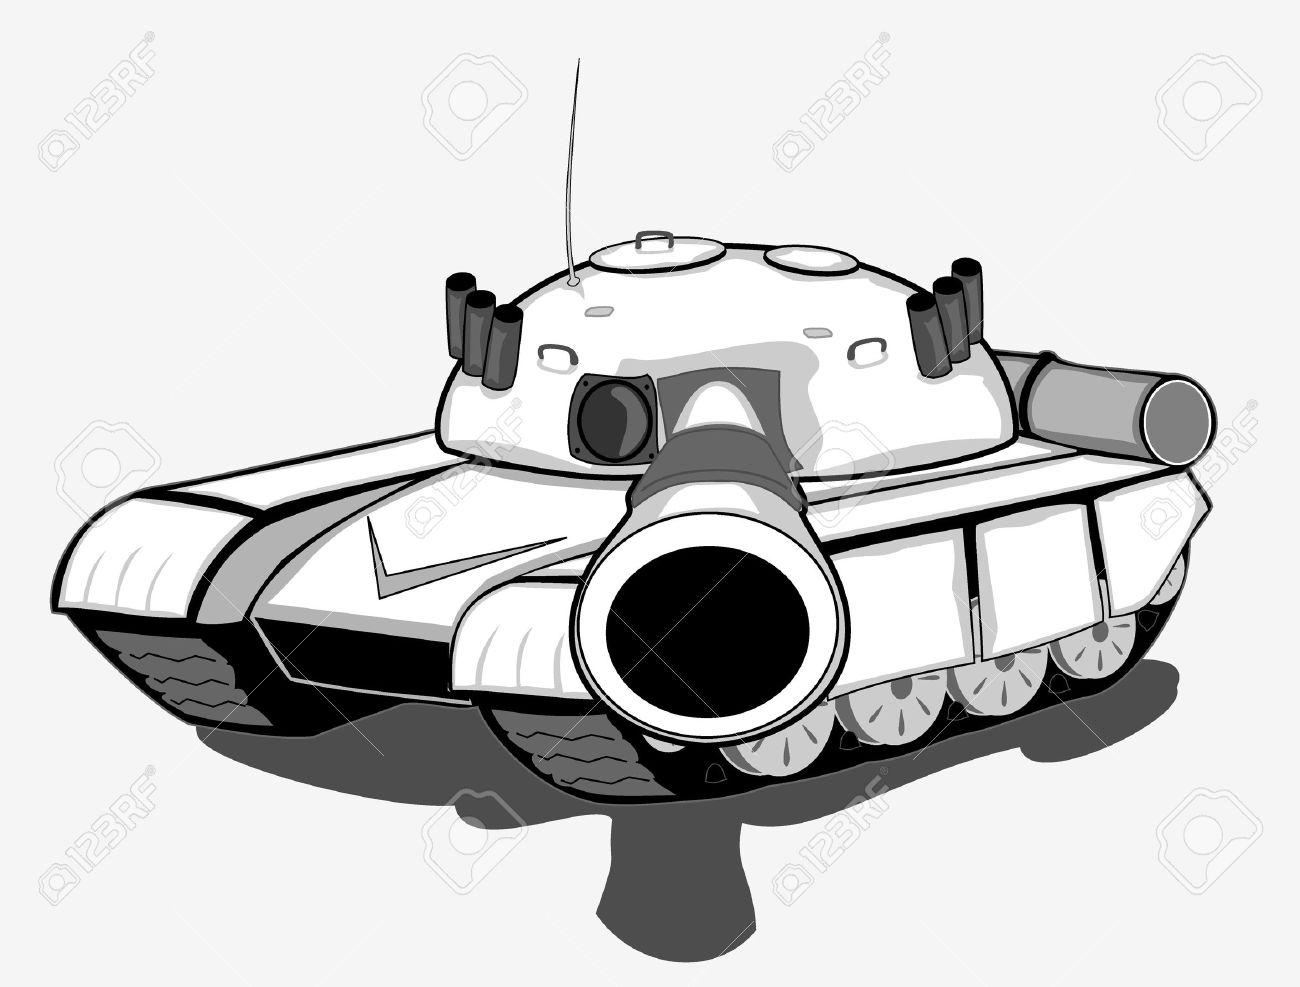 Tank vector illustration Stock Vector - 16412770